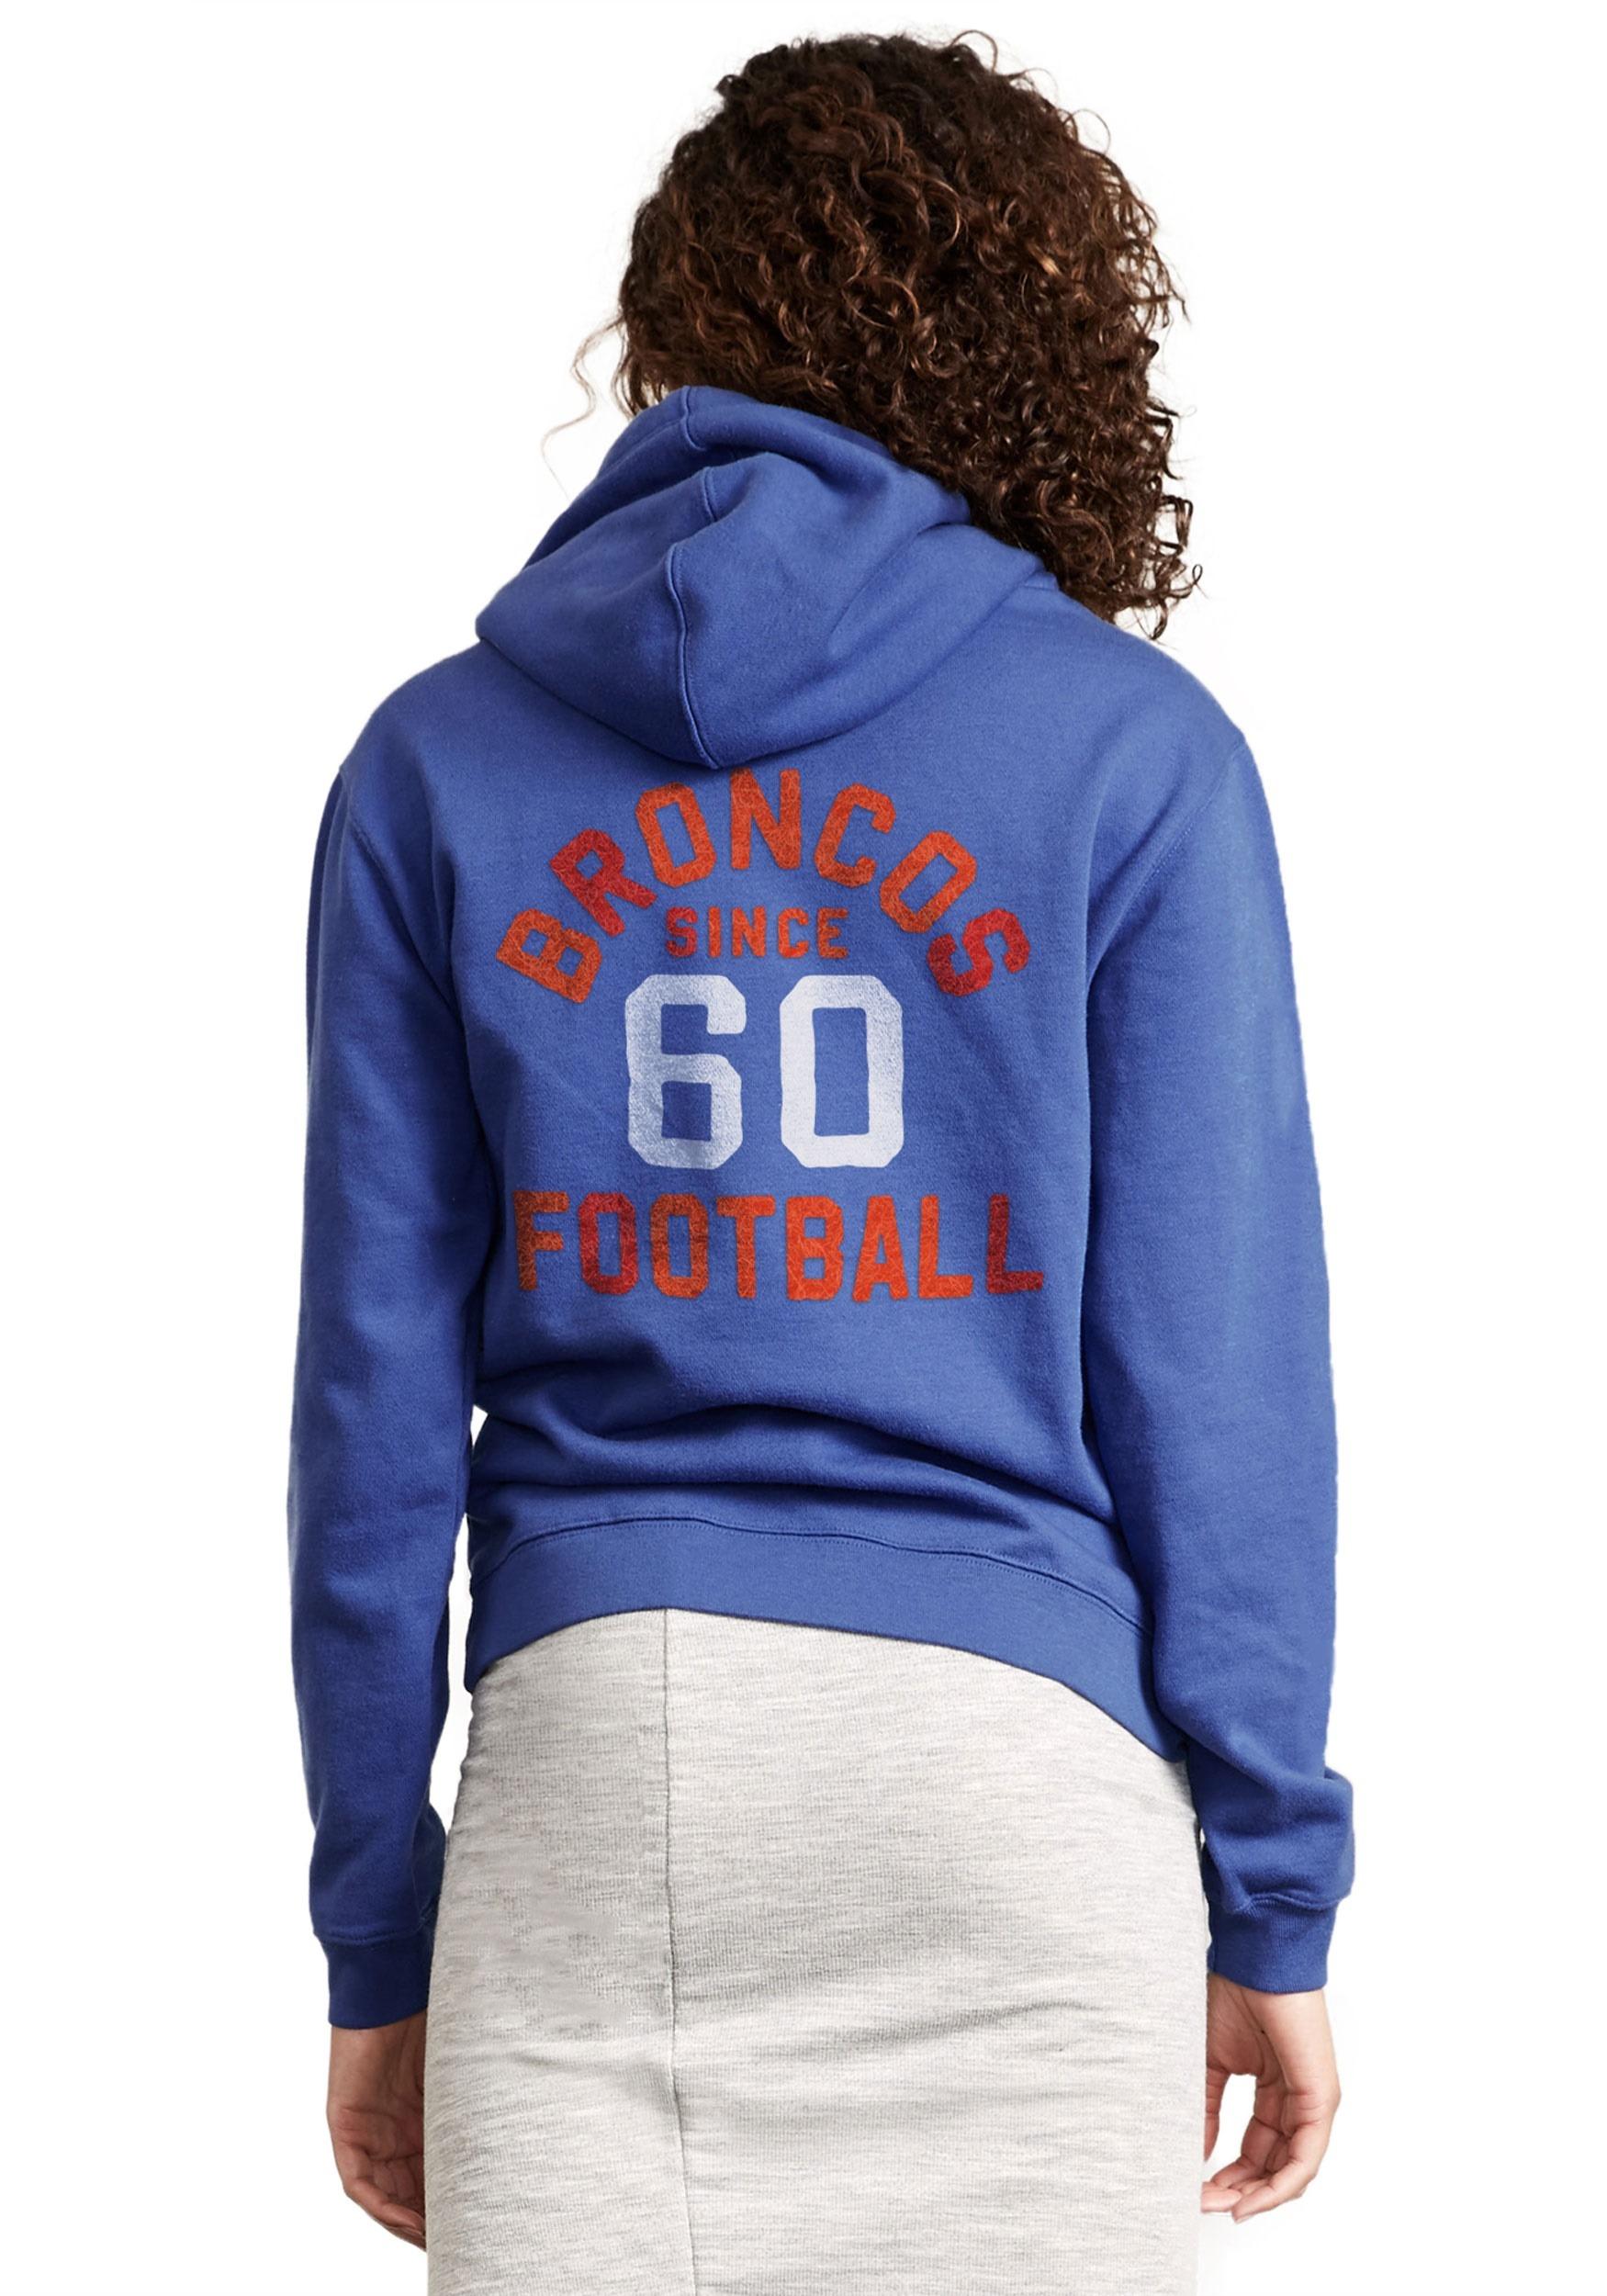 03aaf7336cd Denver Broncos Sunday Cowl Neck Hoodie for Women